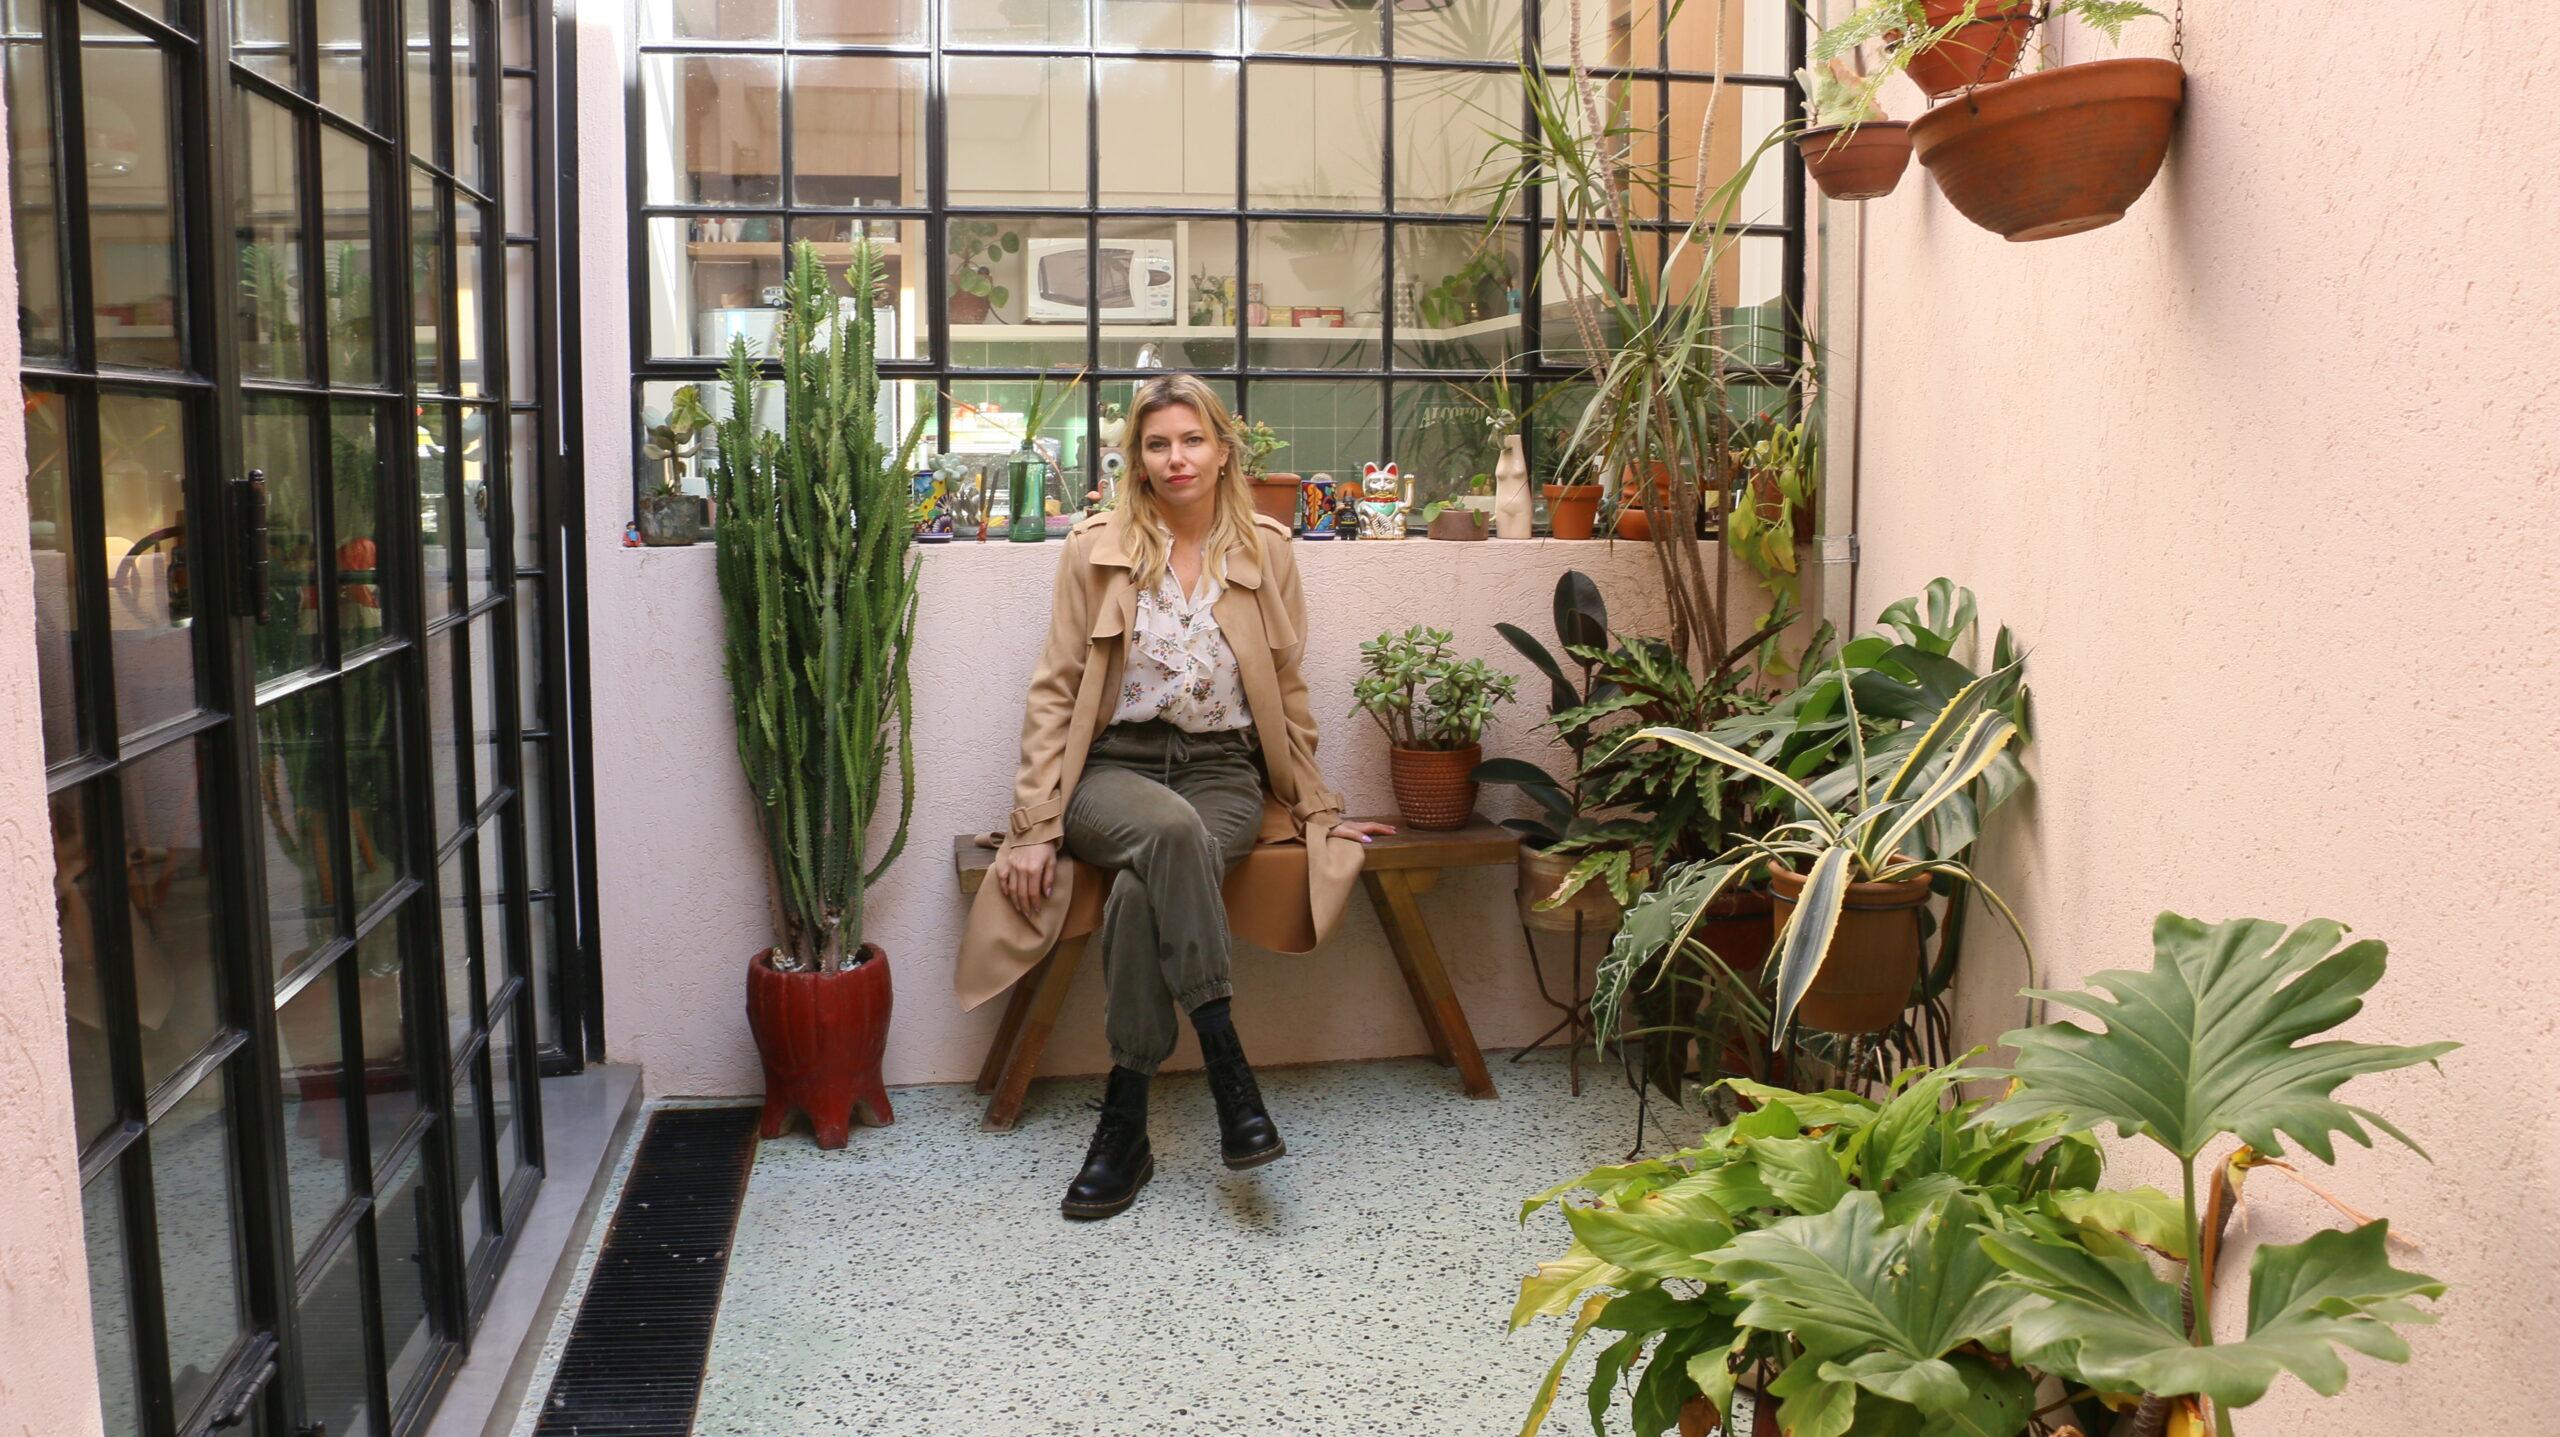 Tener plantas es un must. cómo airear tu casa por Trinidad Reina para Familia Bercomat